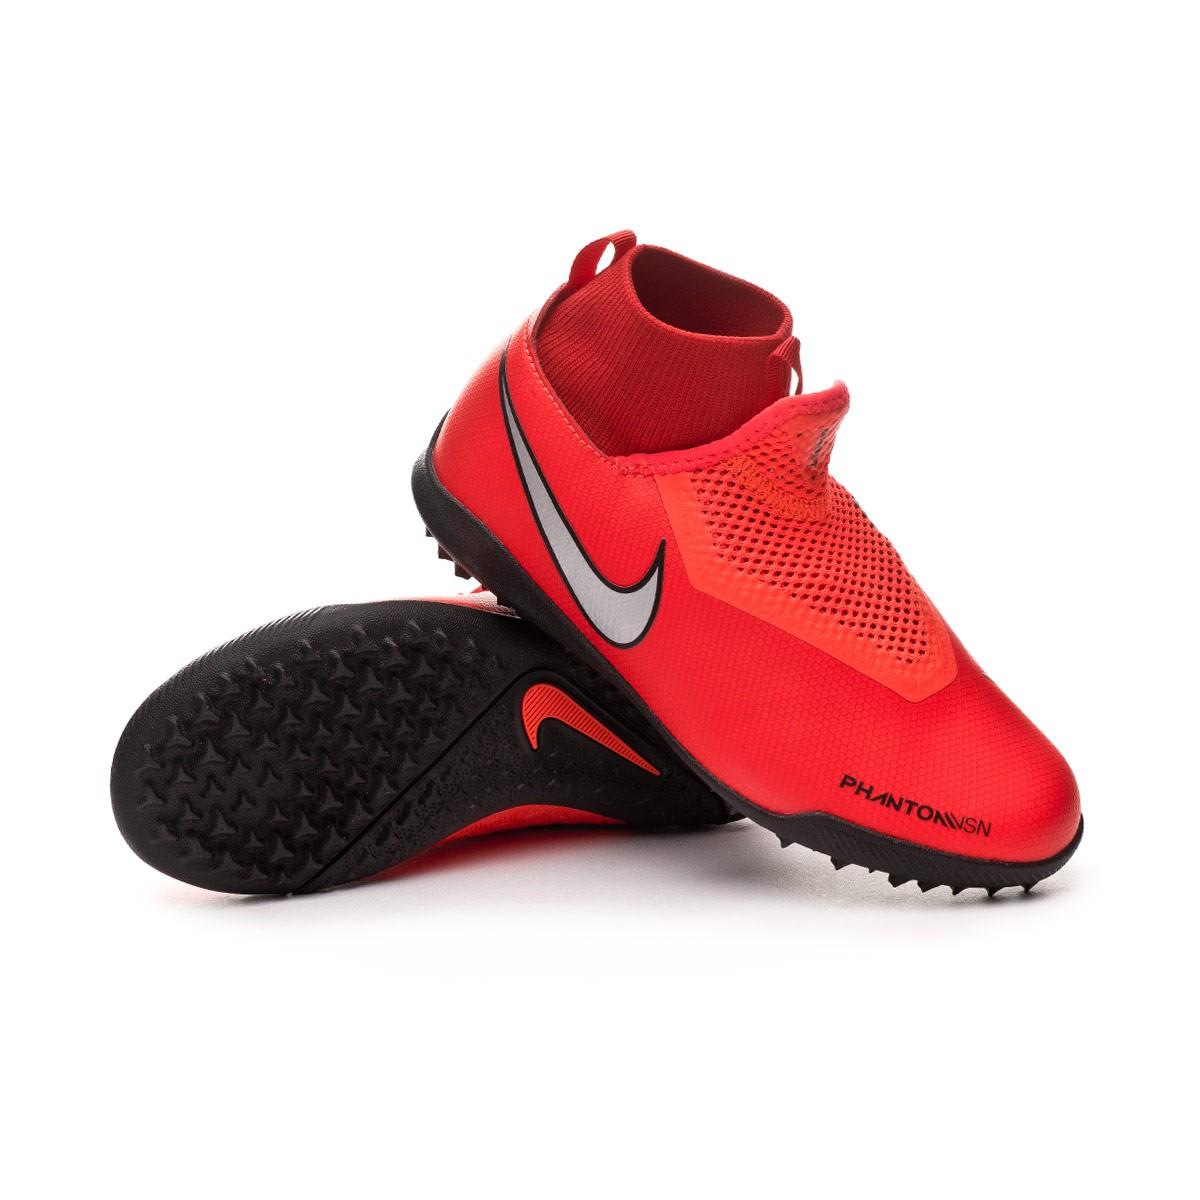 0858b8b8a Football Boot Nike Phantom Vision Academy DF Turf Niño Bright ...